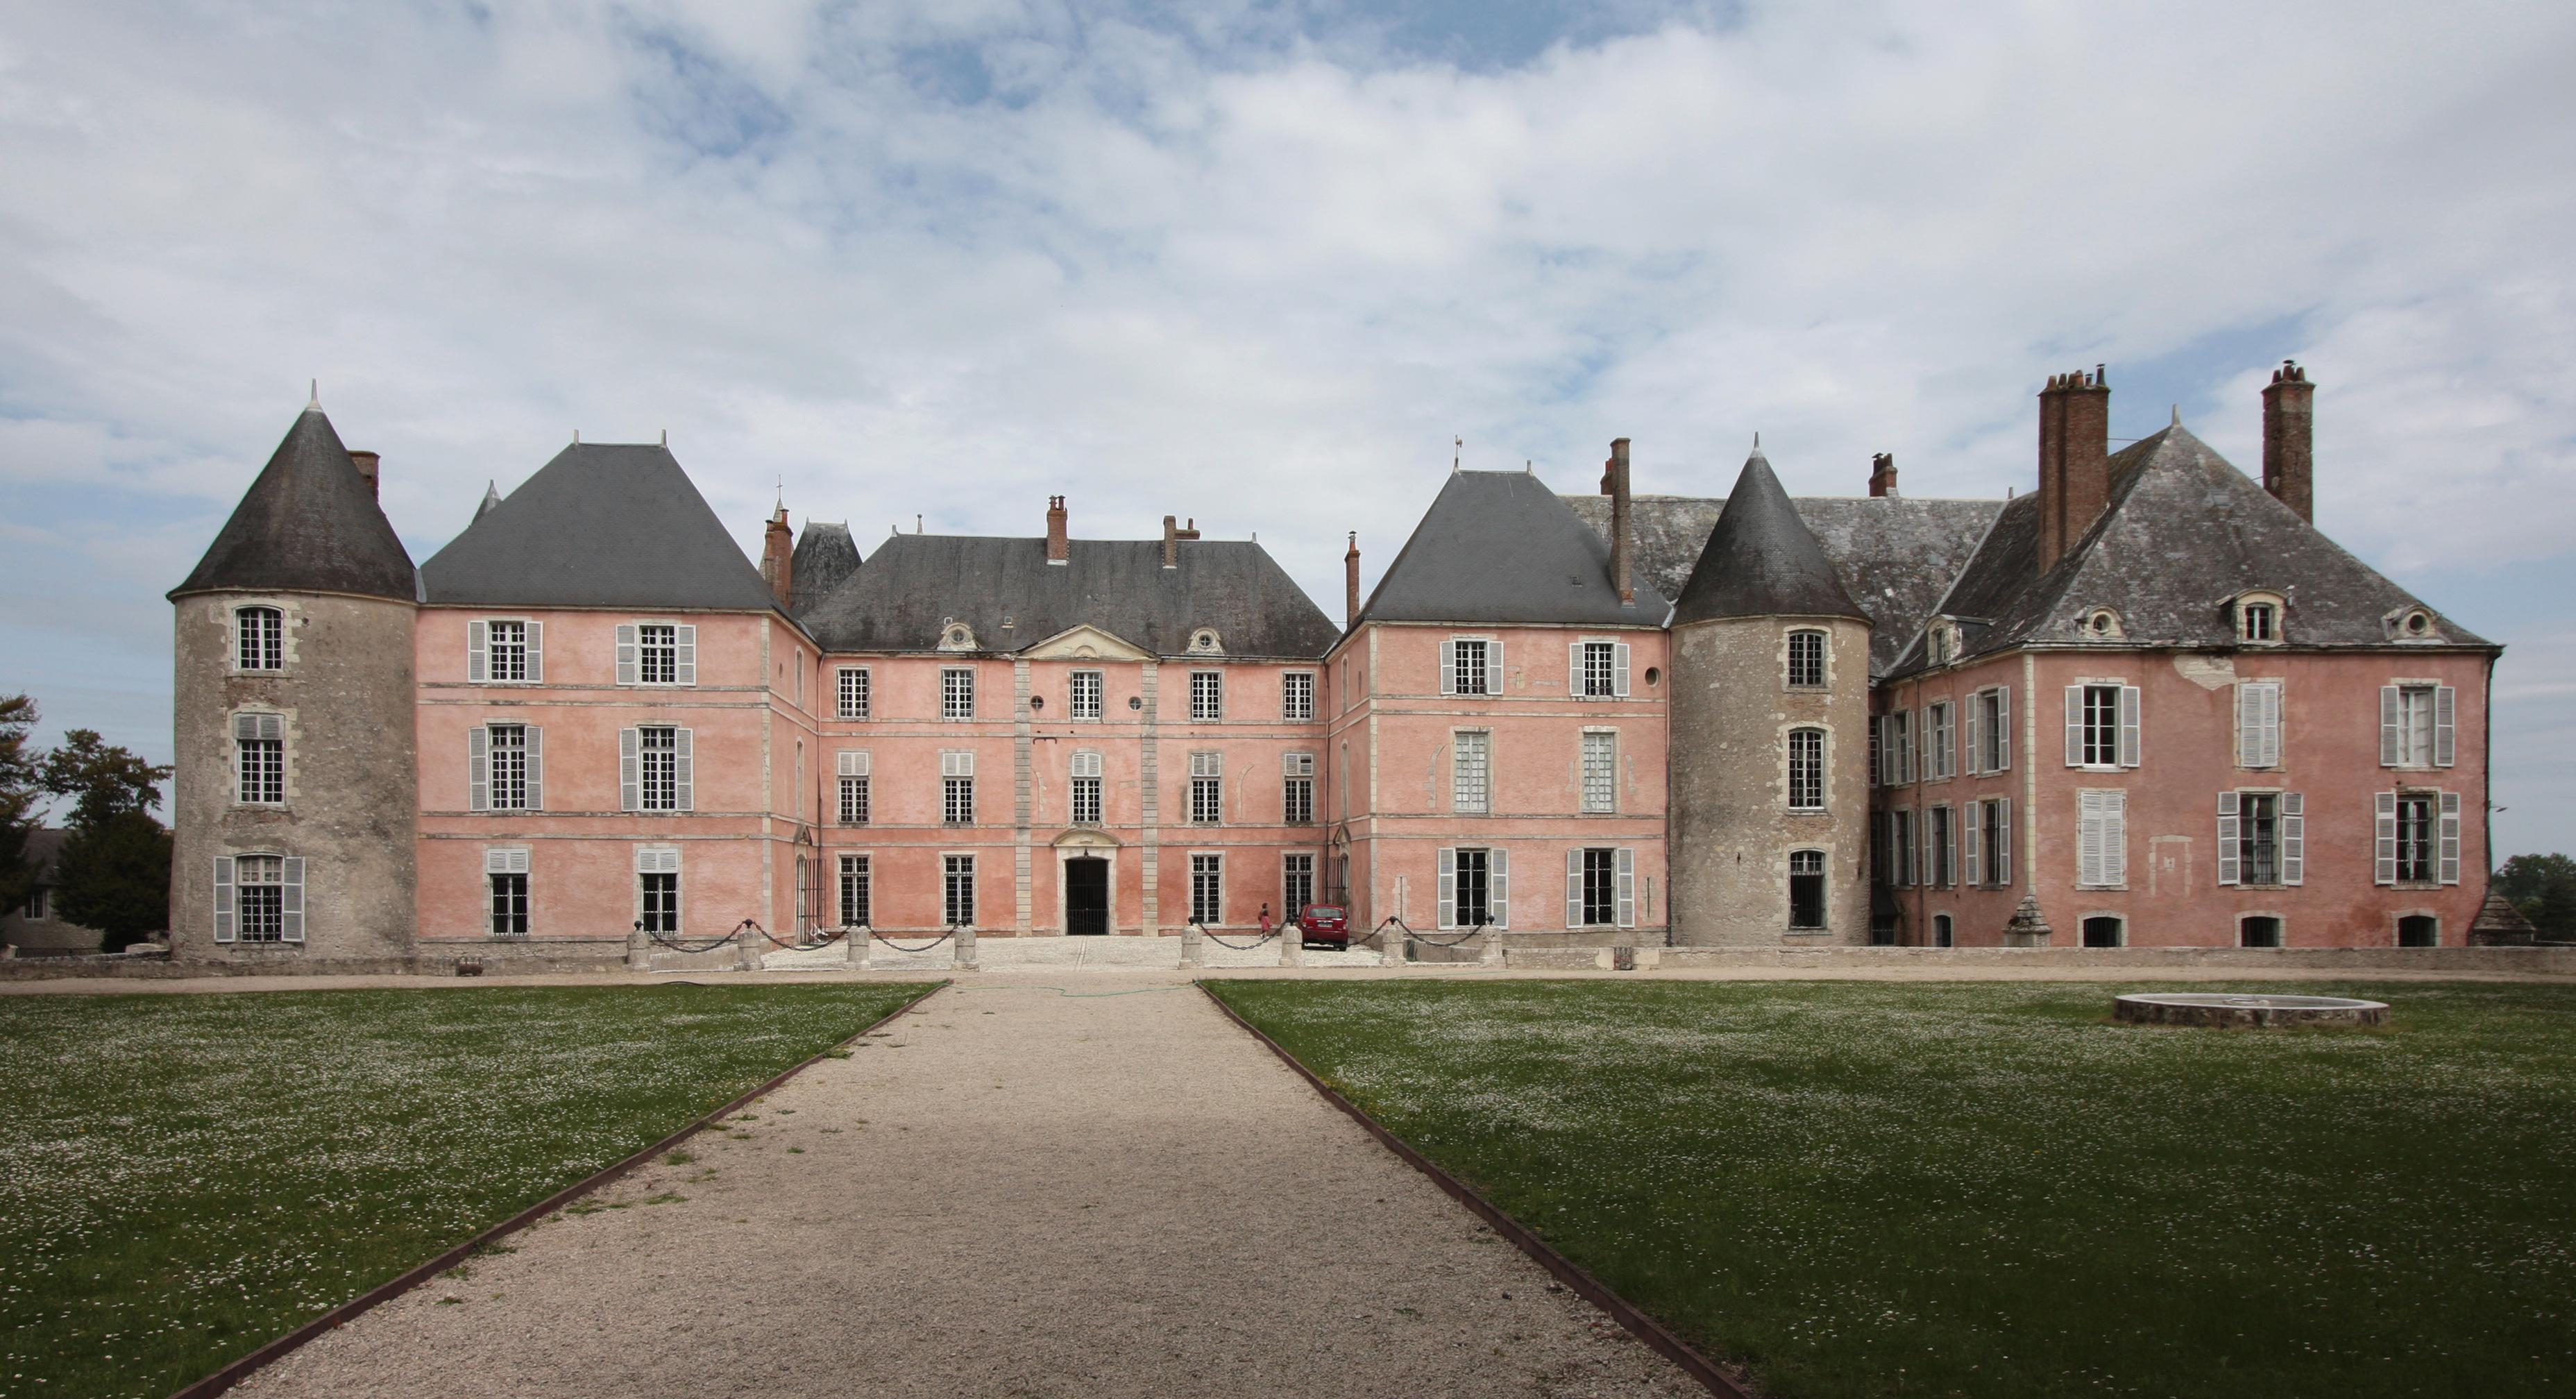 2521-chateau-de-meung-sur-loire-45.jpg